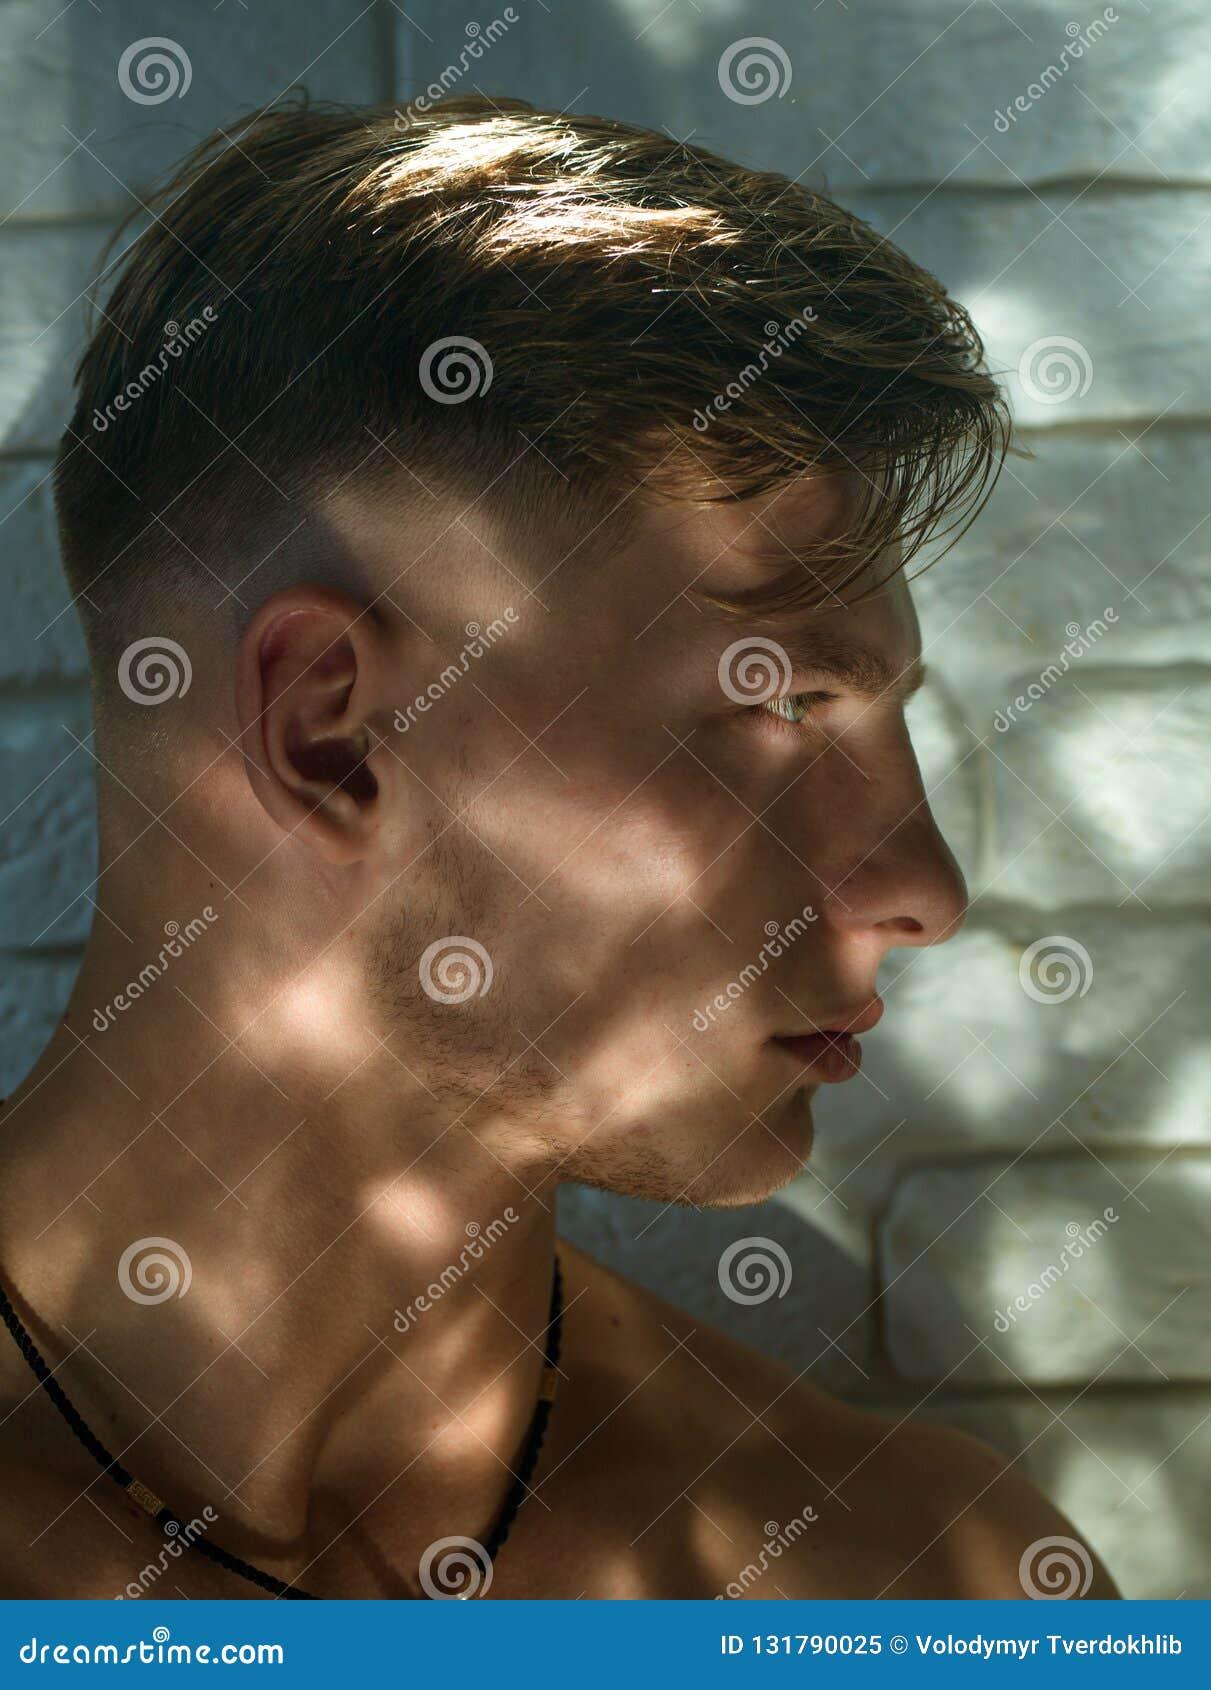 Mode Et Beaute Masculines Homme Bel Avec La Coupe De Cheveux De Stylesh Salon De Salon De Coiffure Et De Coiffeur Homme Rase Type Image Stock Image Du Stylesh Salon 131790025